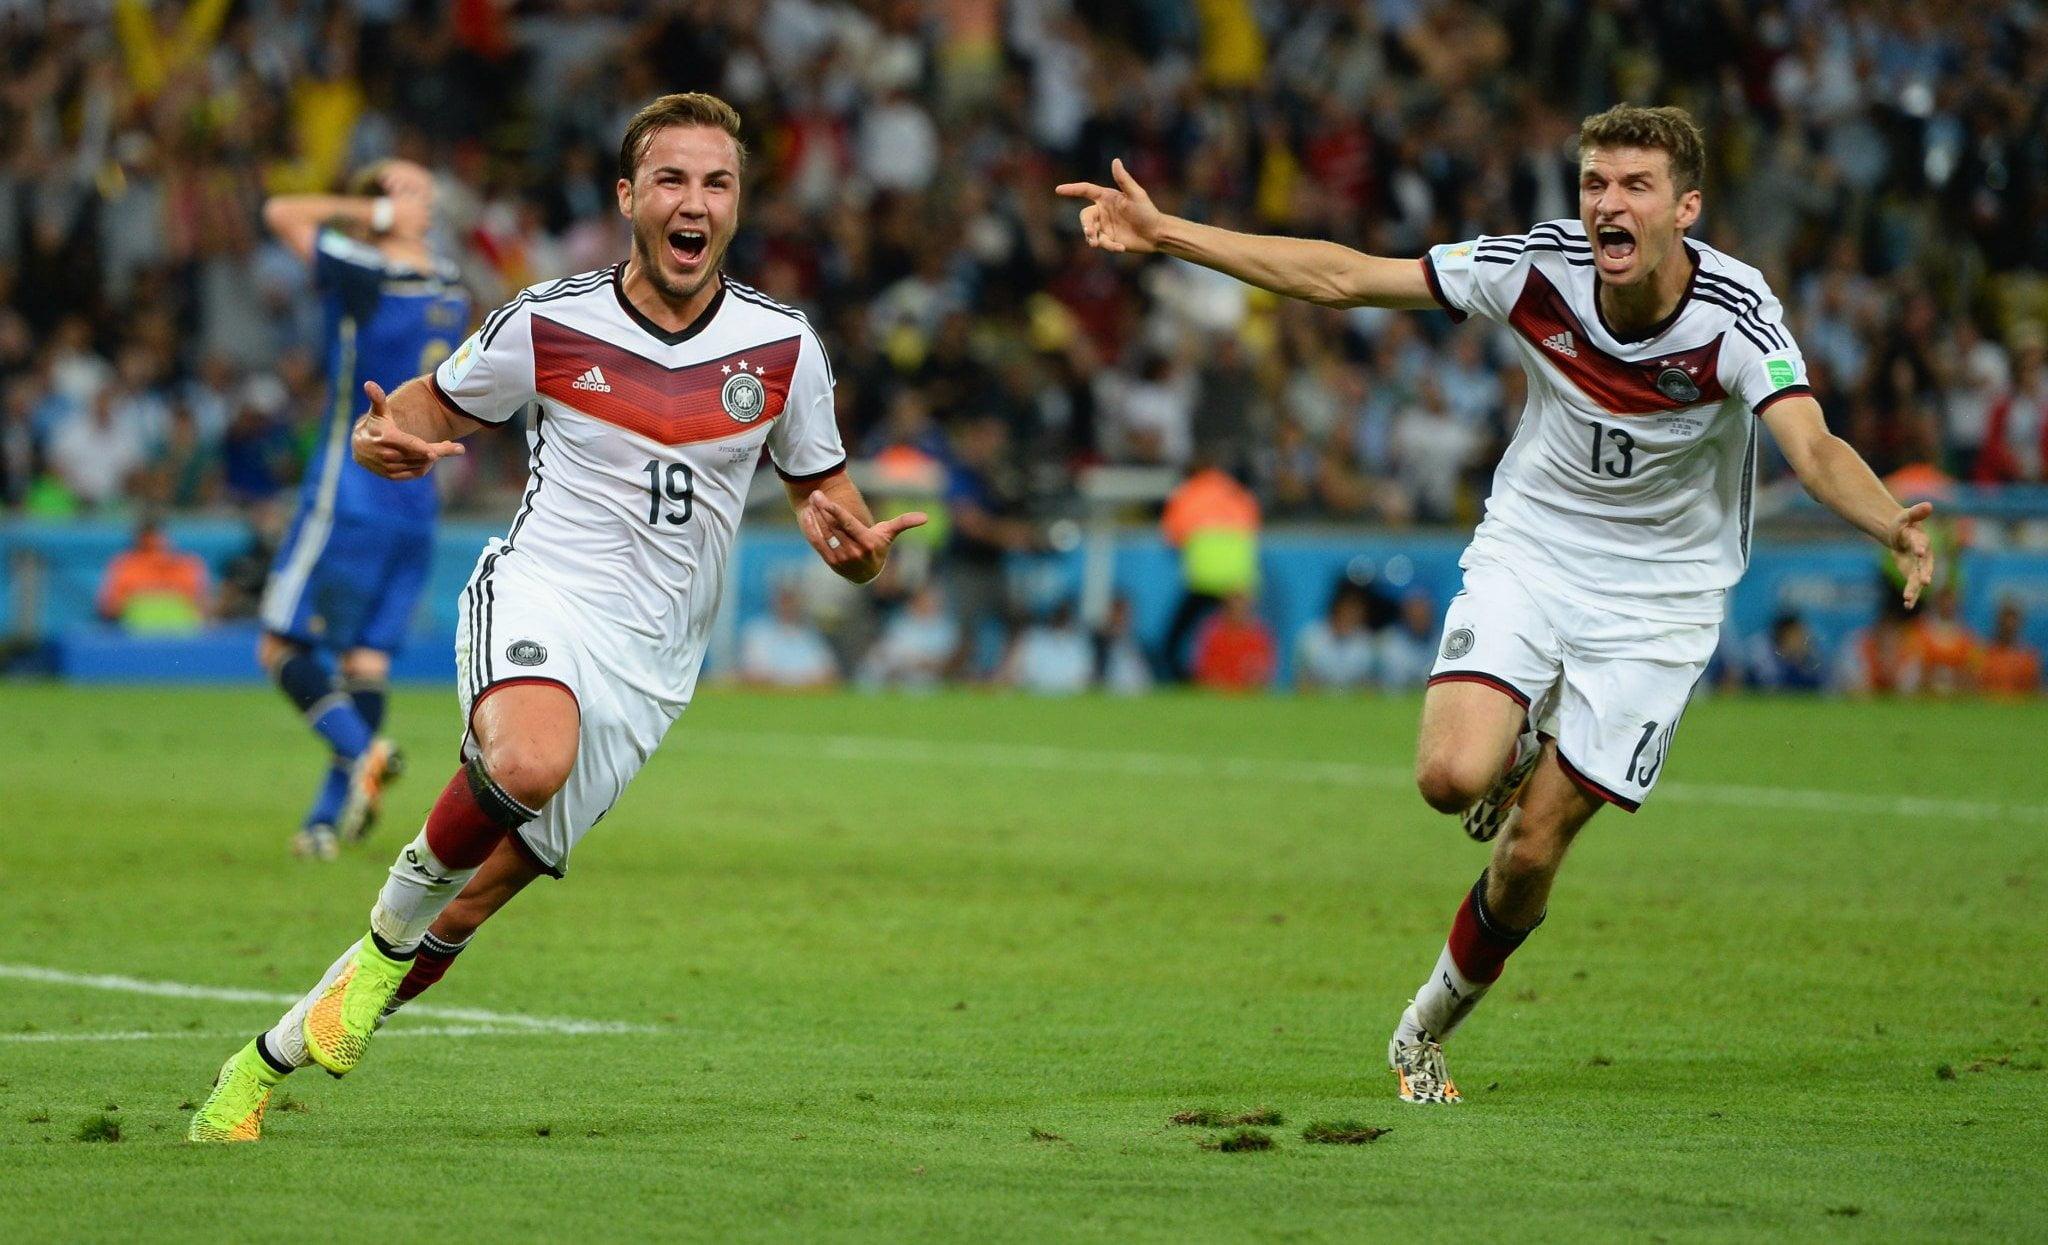 Football 2 - عاجل : ماريو غوتزه يقترب من اللعب في الدوري الانجليزي الممتاز